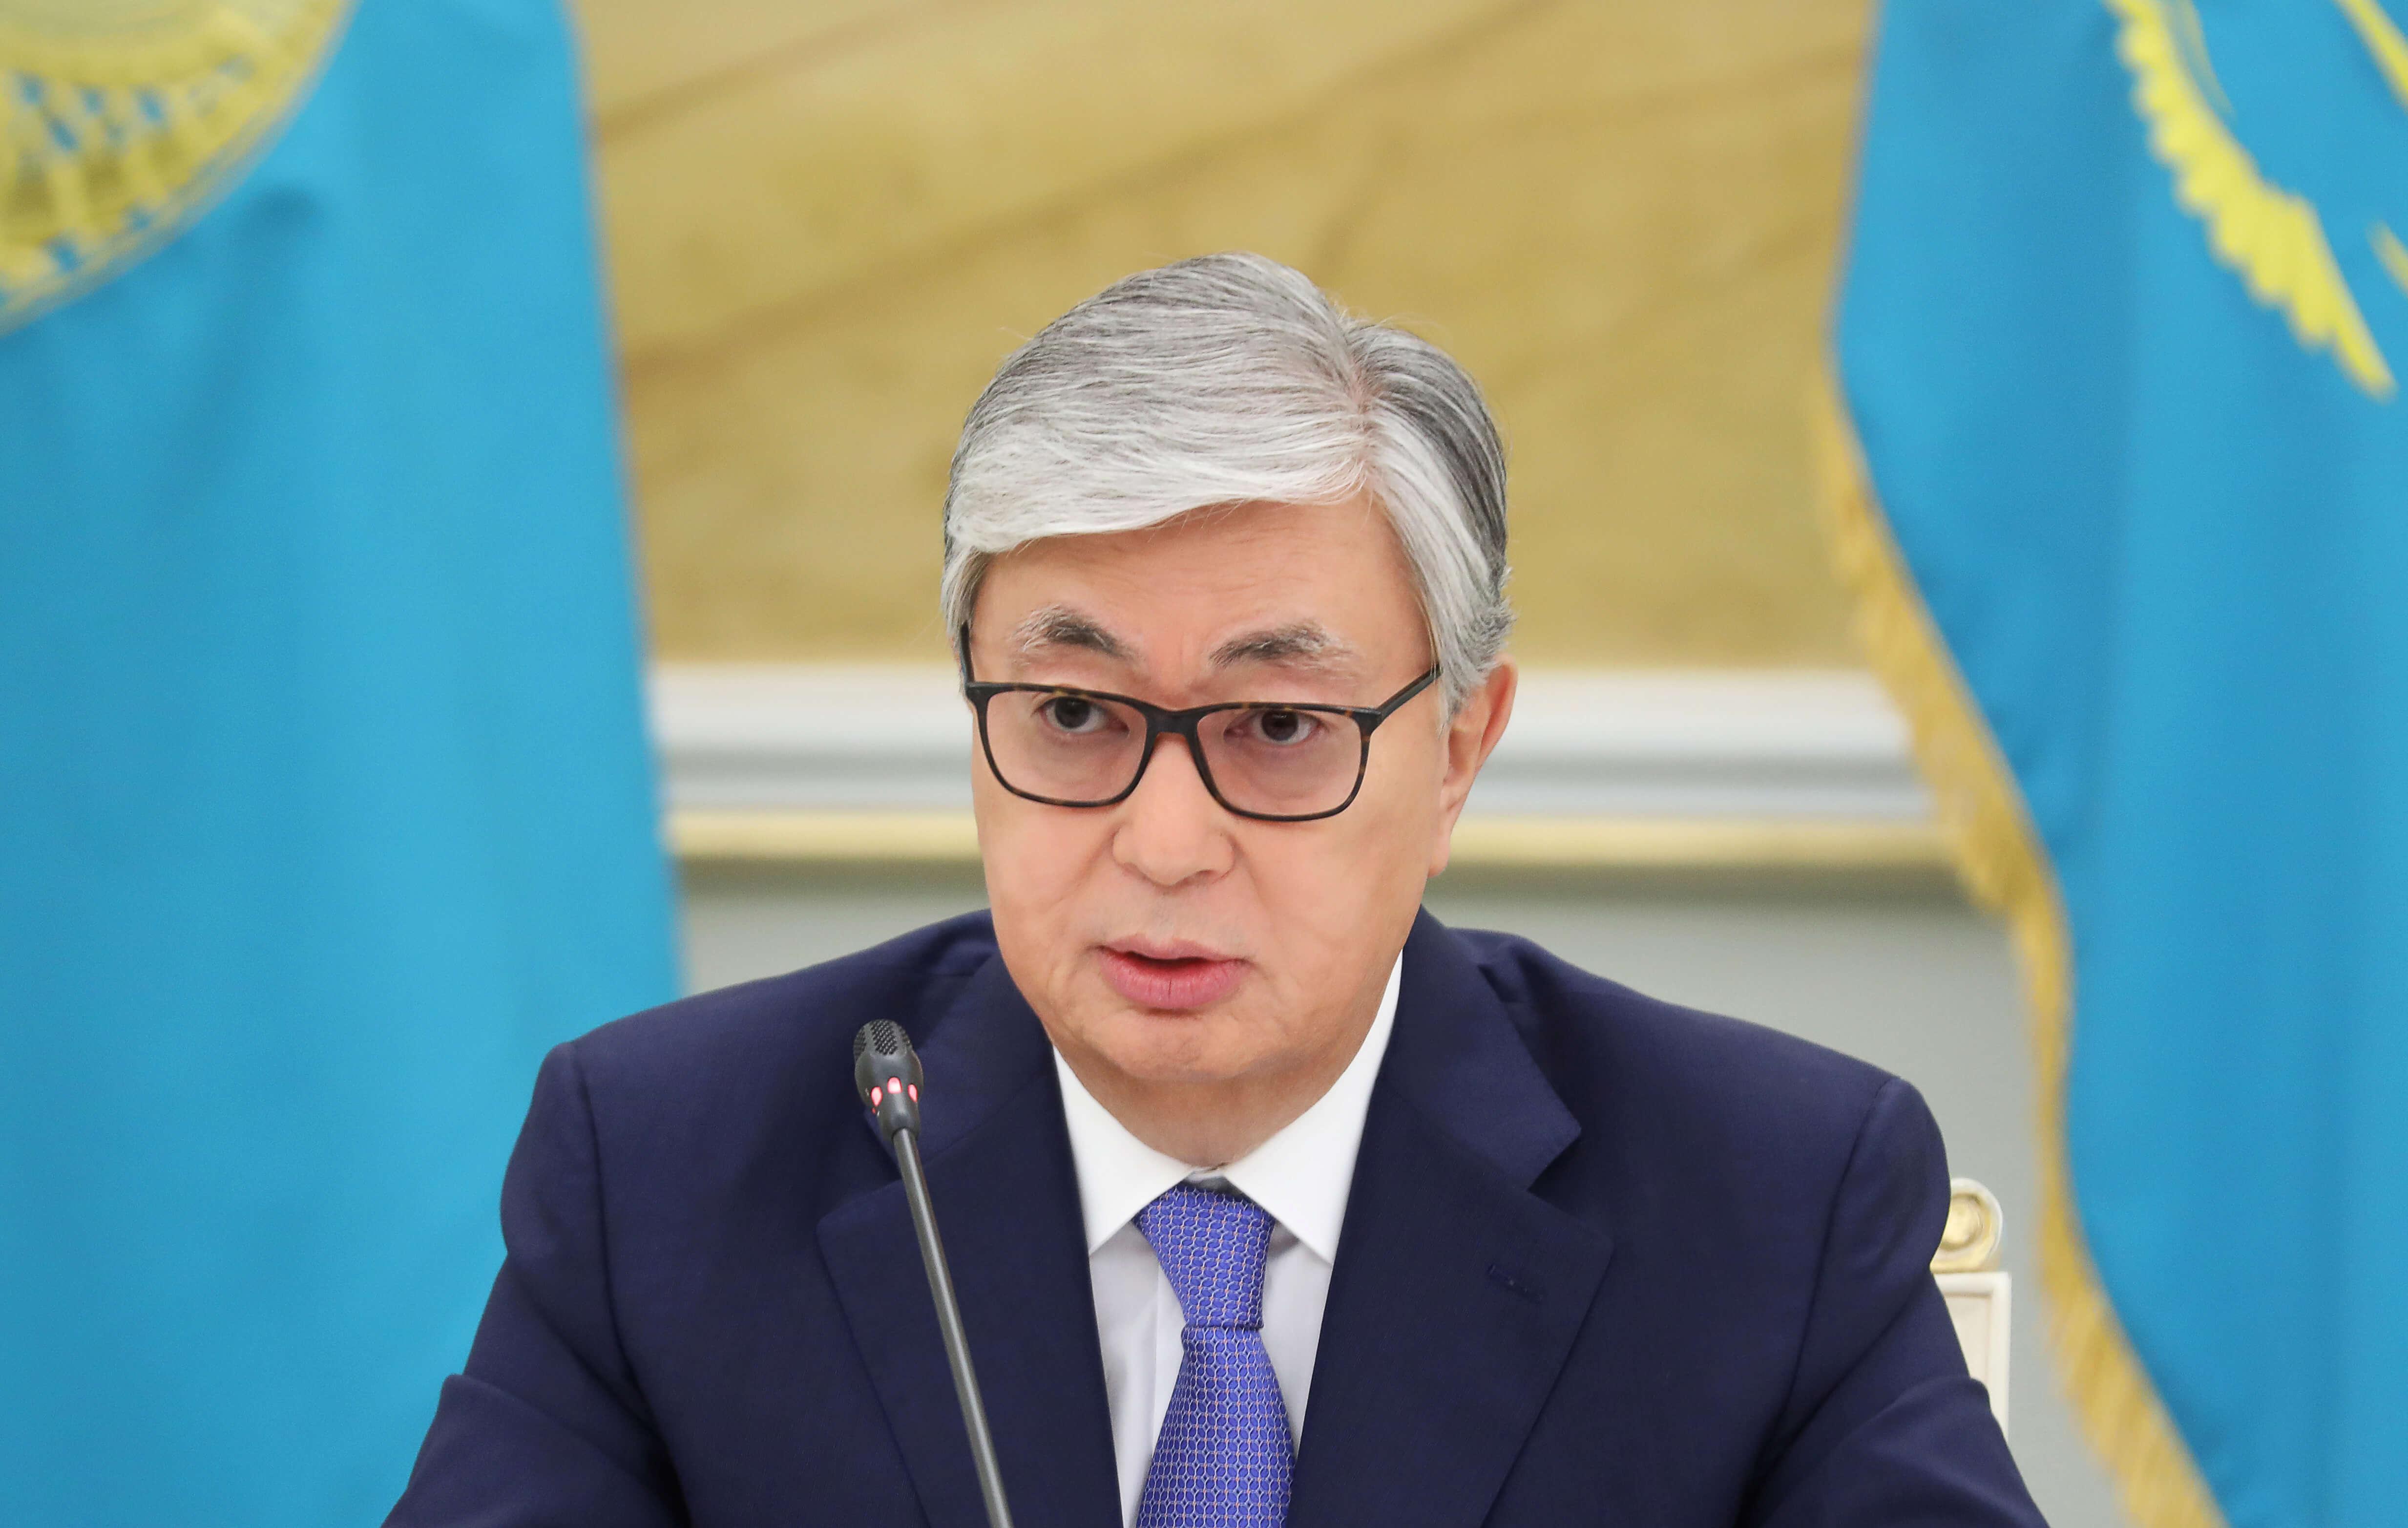 Καζακστάν: Νέος πρόεδρος ο Κασίμ Ζομάτ Τοκάγεφ – Ο δεύτερος στην ιστορία της χώρας!